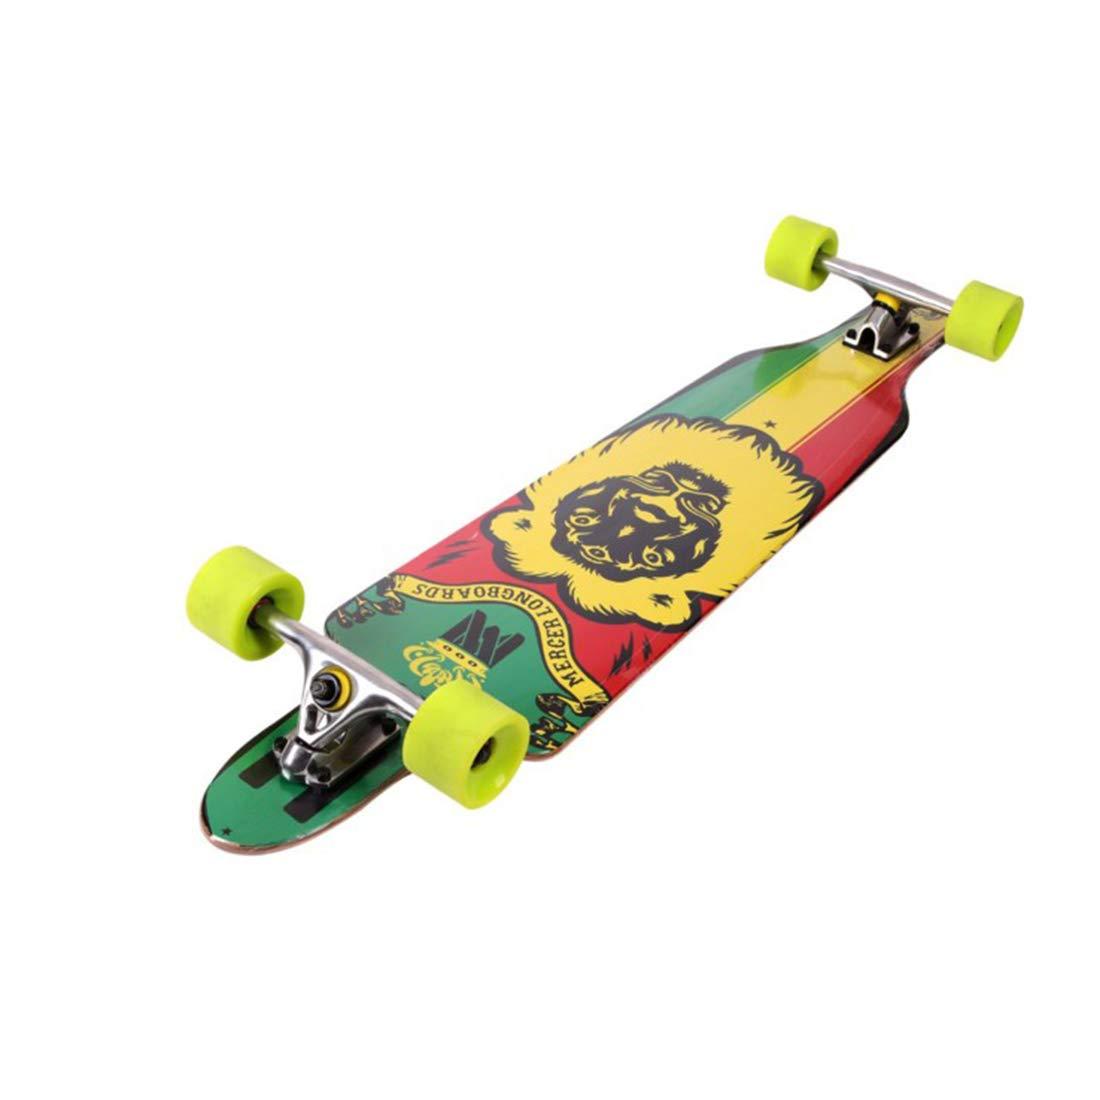 今季一番 铁锋区志诚机电商店 ストリートスケートボードアダルトストリートロングボードスケートボードプラスメイプルダブルパネルエクストリームスポーツ (色 (色 : オレンジ) B07R6ZTYLC B07R6ZTYLC オレンジ) オレンジ, エルラガルデン:b610e9df --- 4x4.lt